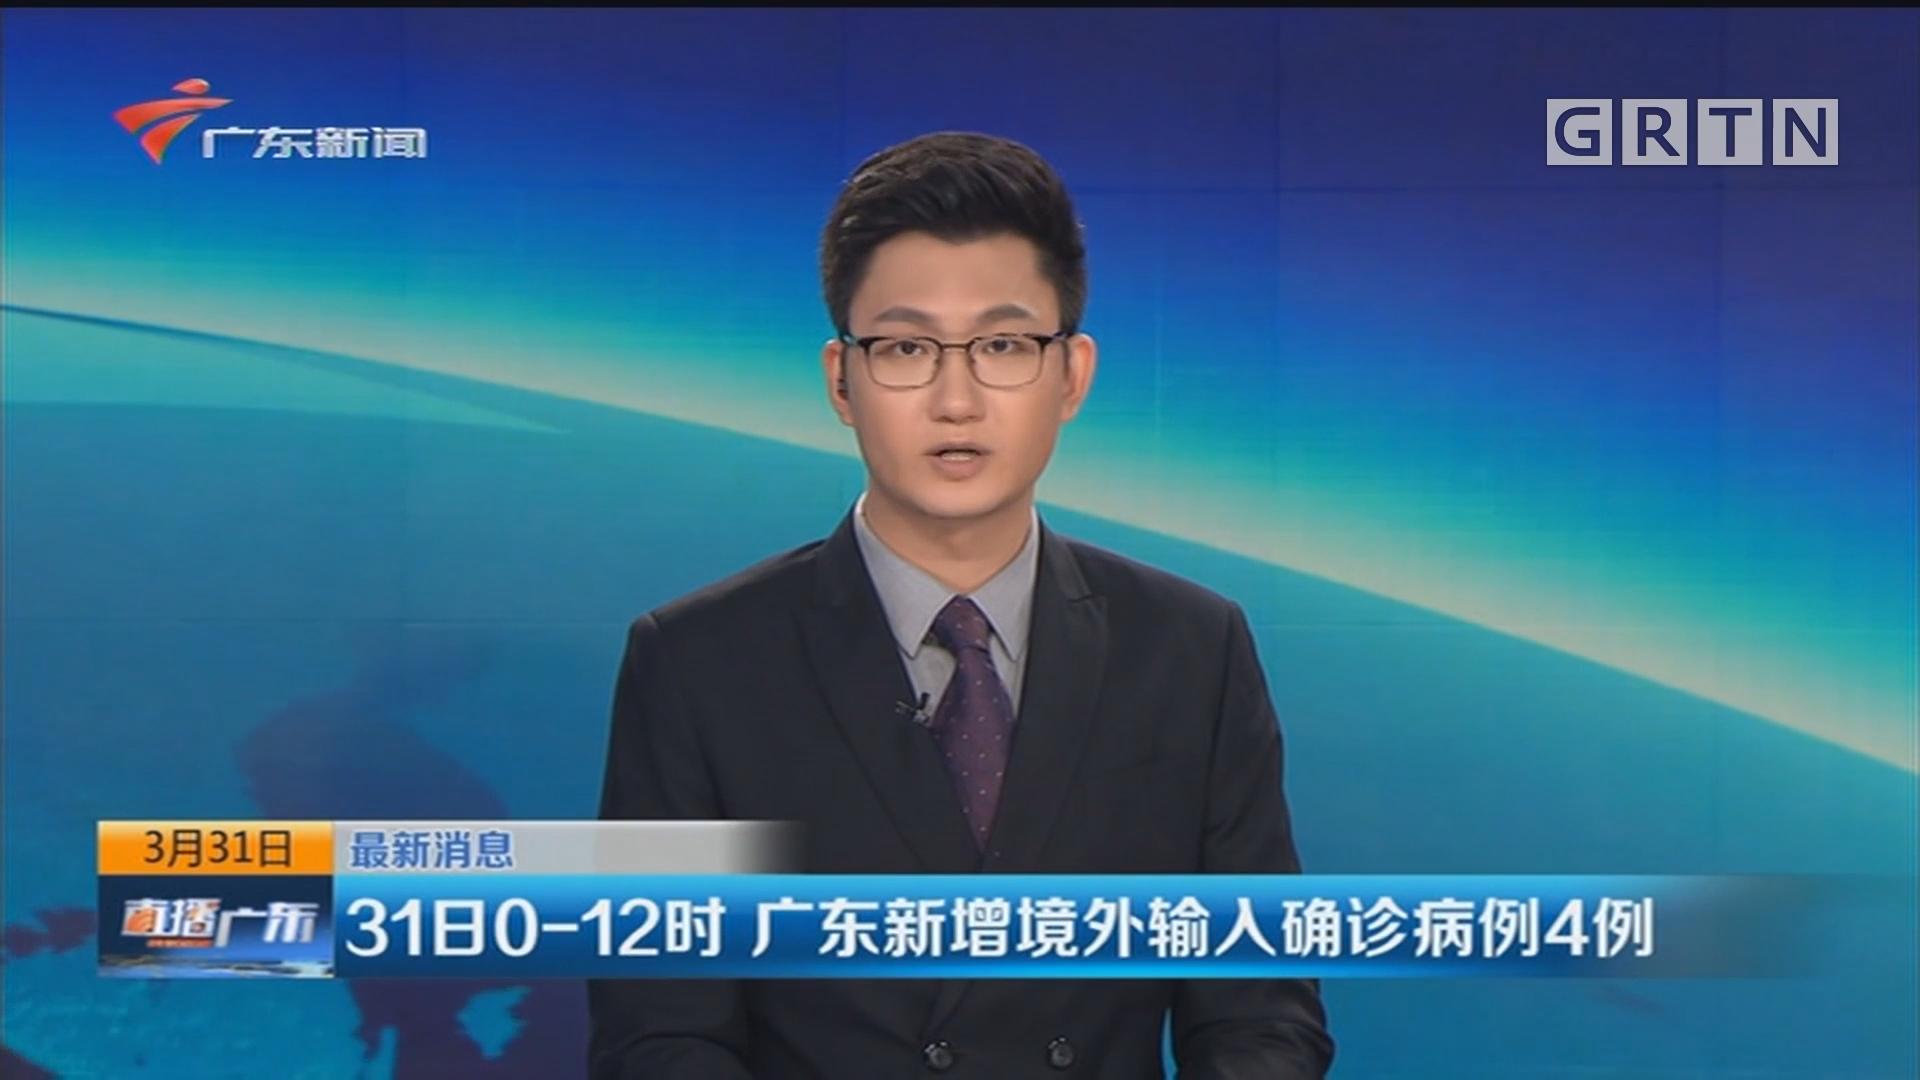 31日0-12时 广东新增境外输入确诊病例4例